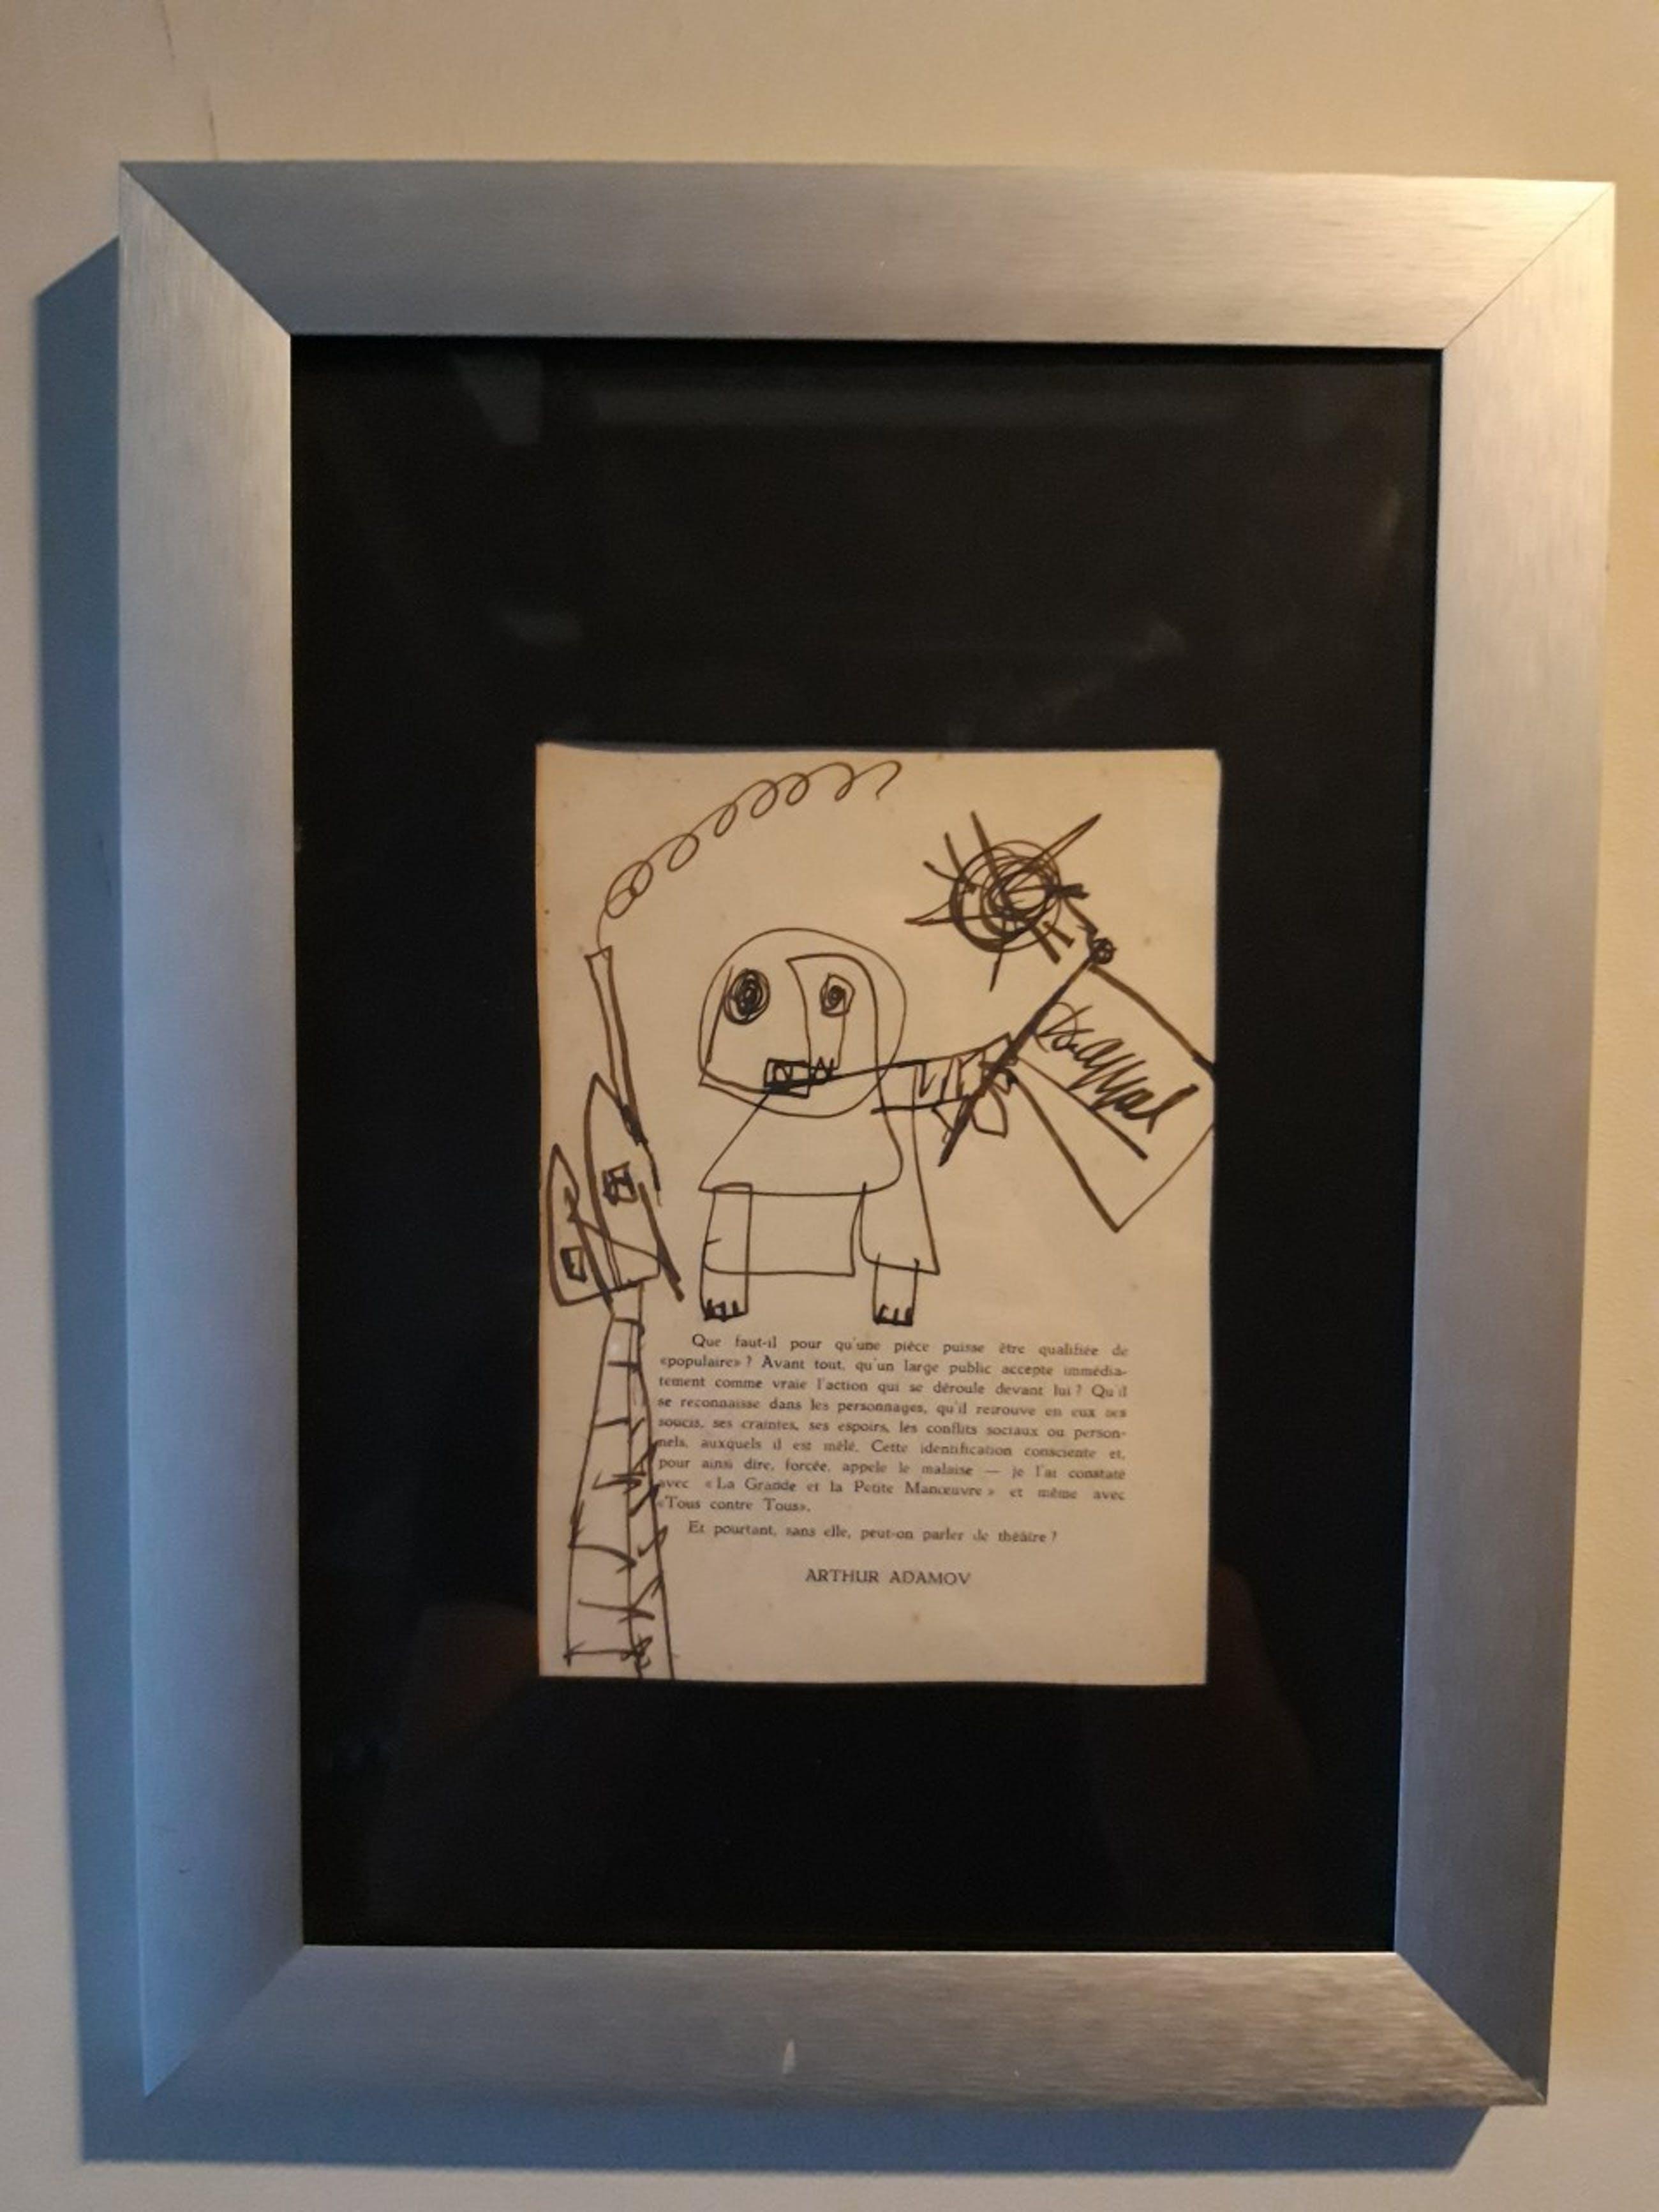 Karel Appel - tekening uit 1953, CoBrA compositie, handgesigneerd en ingelijst kopen? Bied vanaf 999!